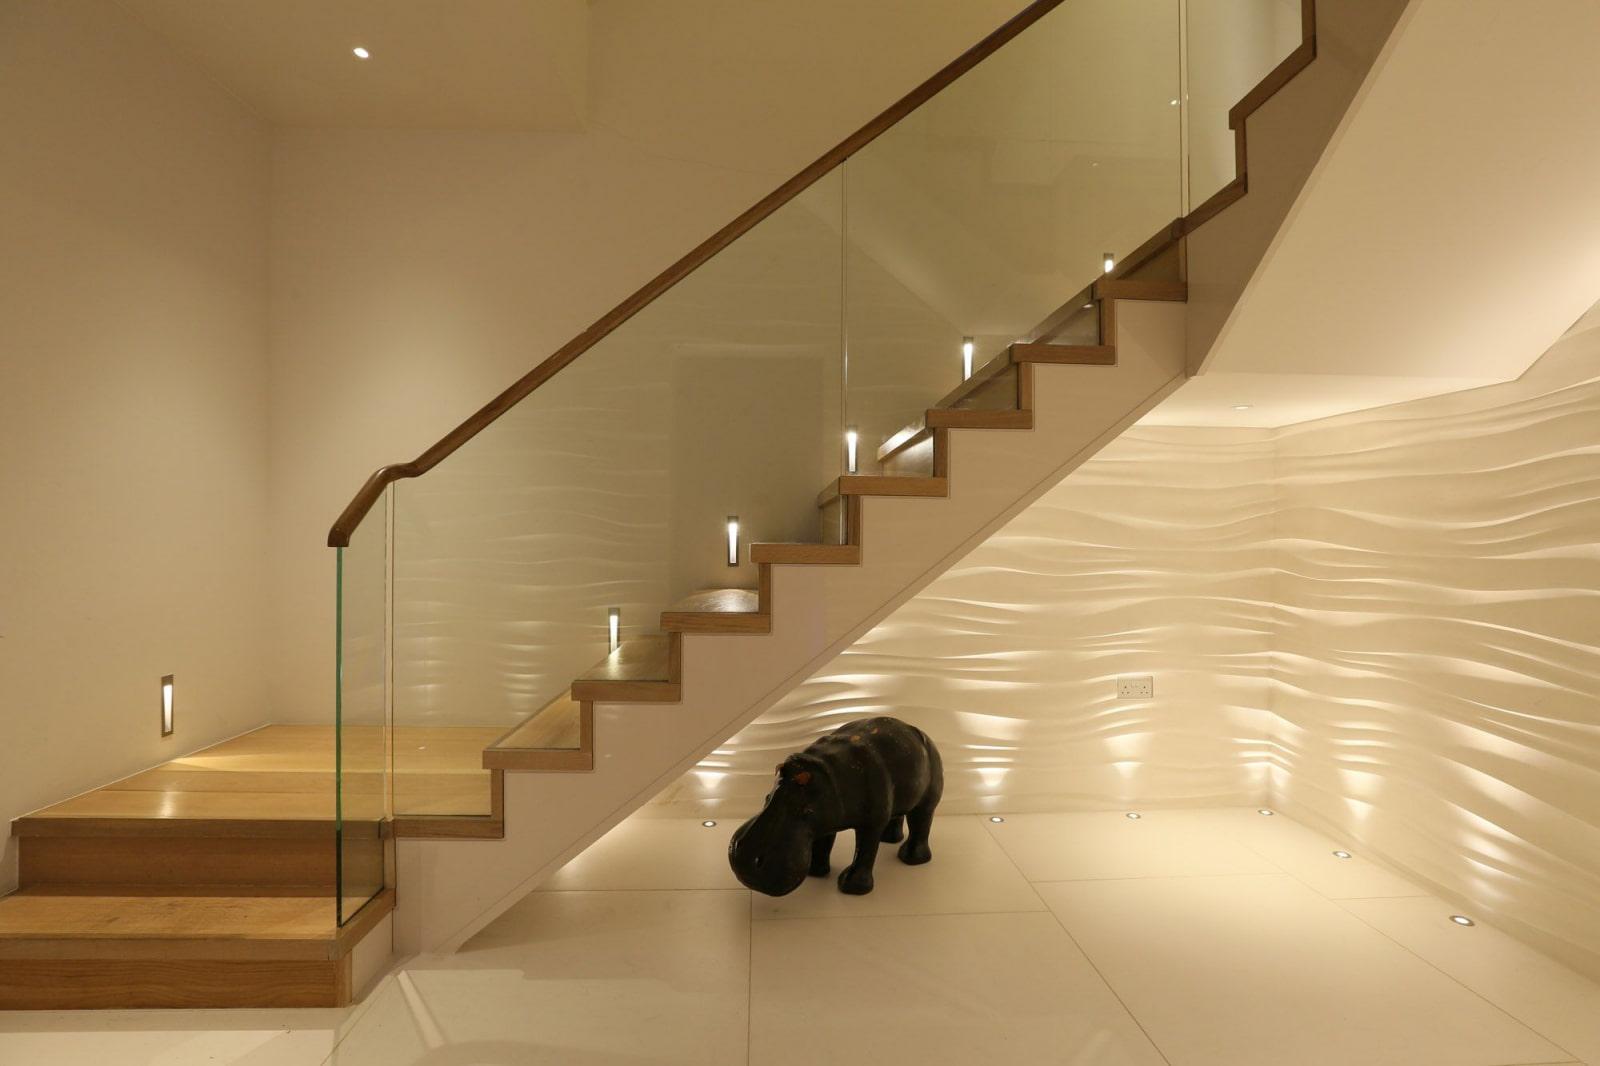 подсветка лестницы в доме автоматическая